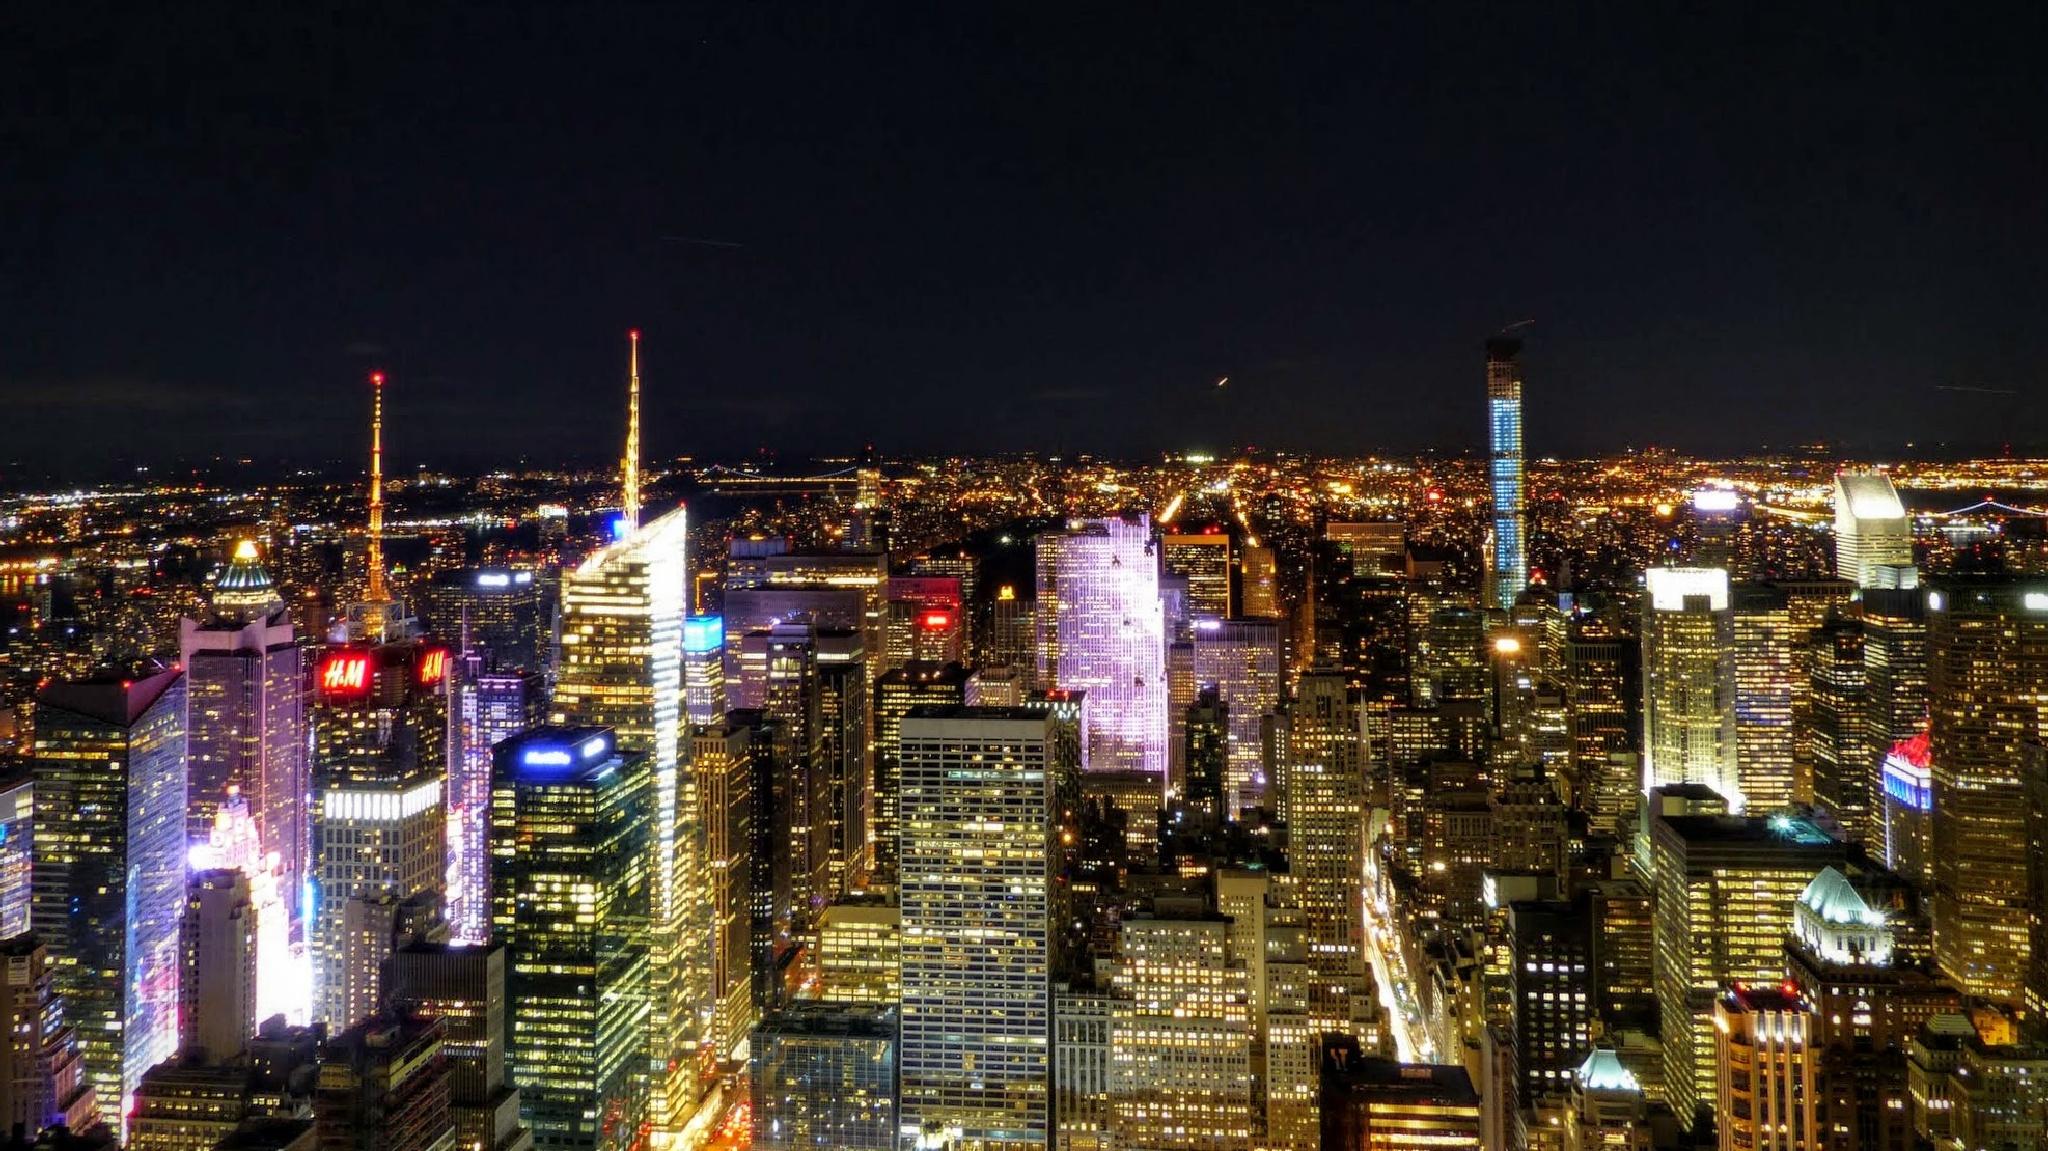 NY at night, USA by emalfni